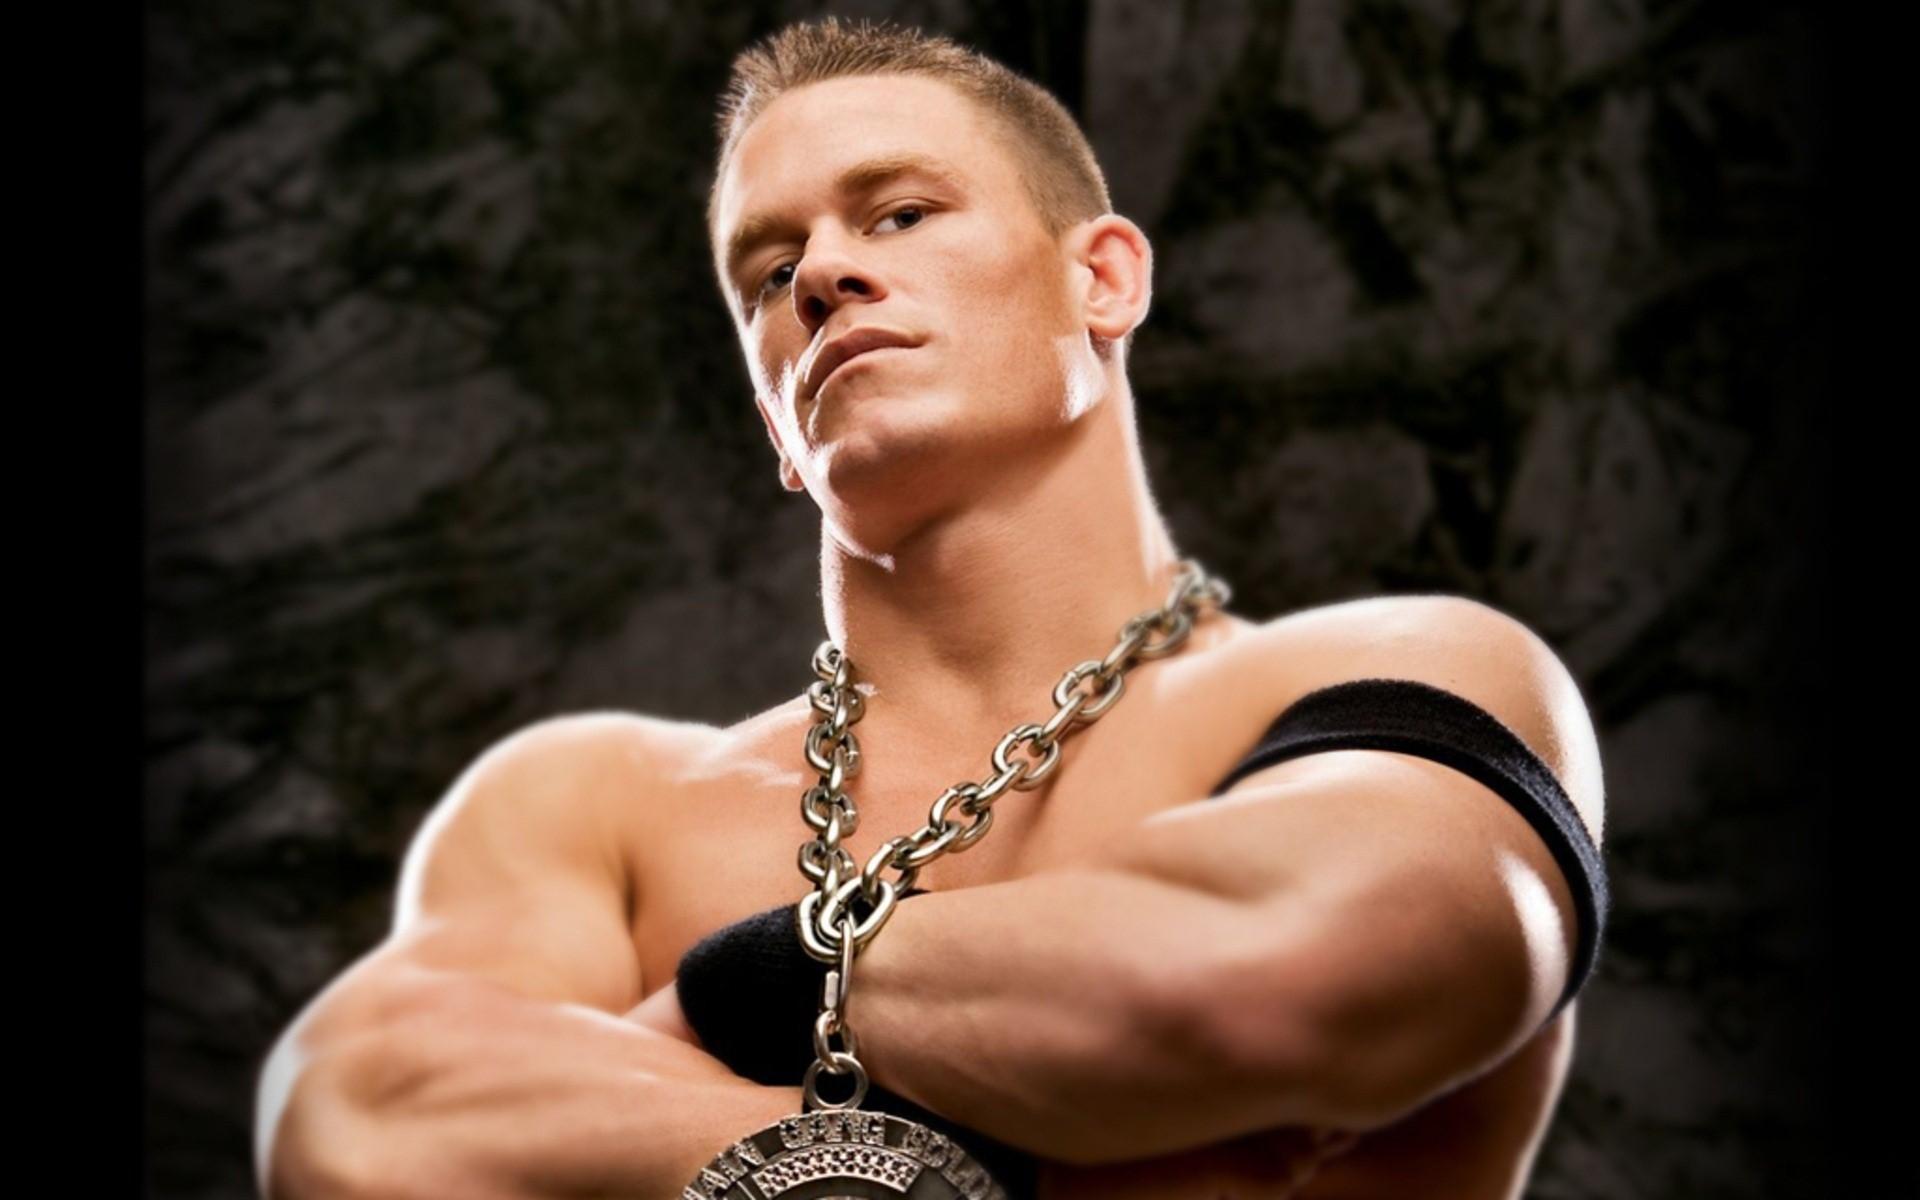 Smart Look of WWE Superstar John Cena